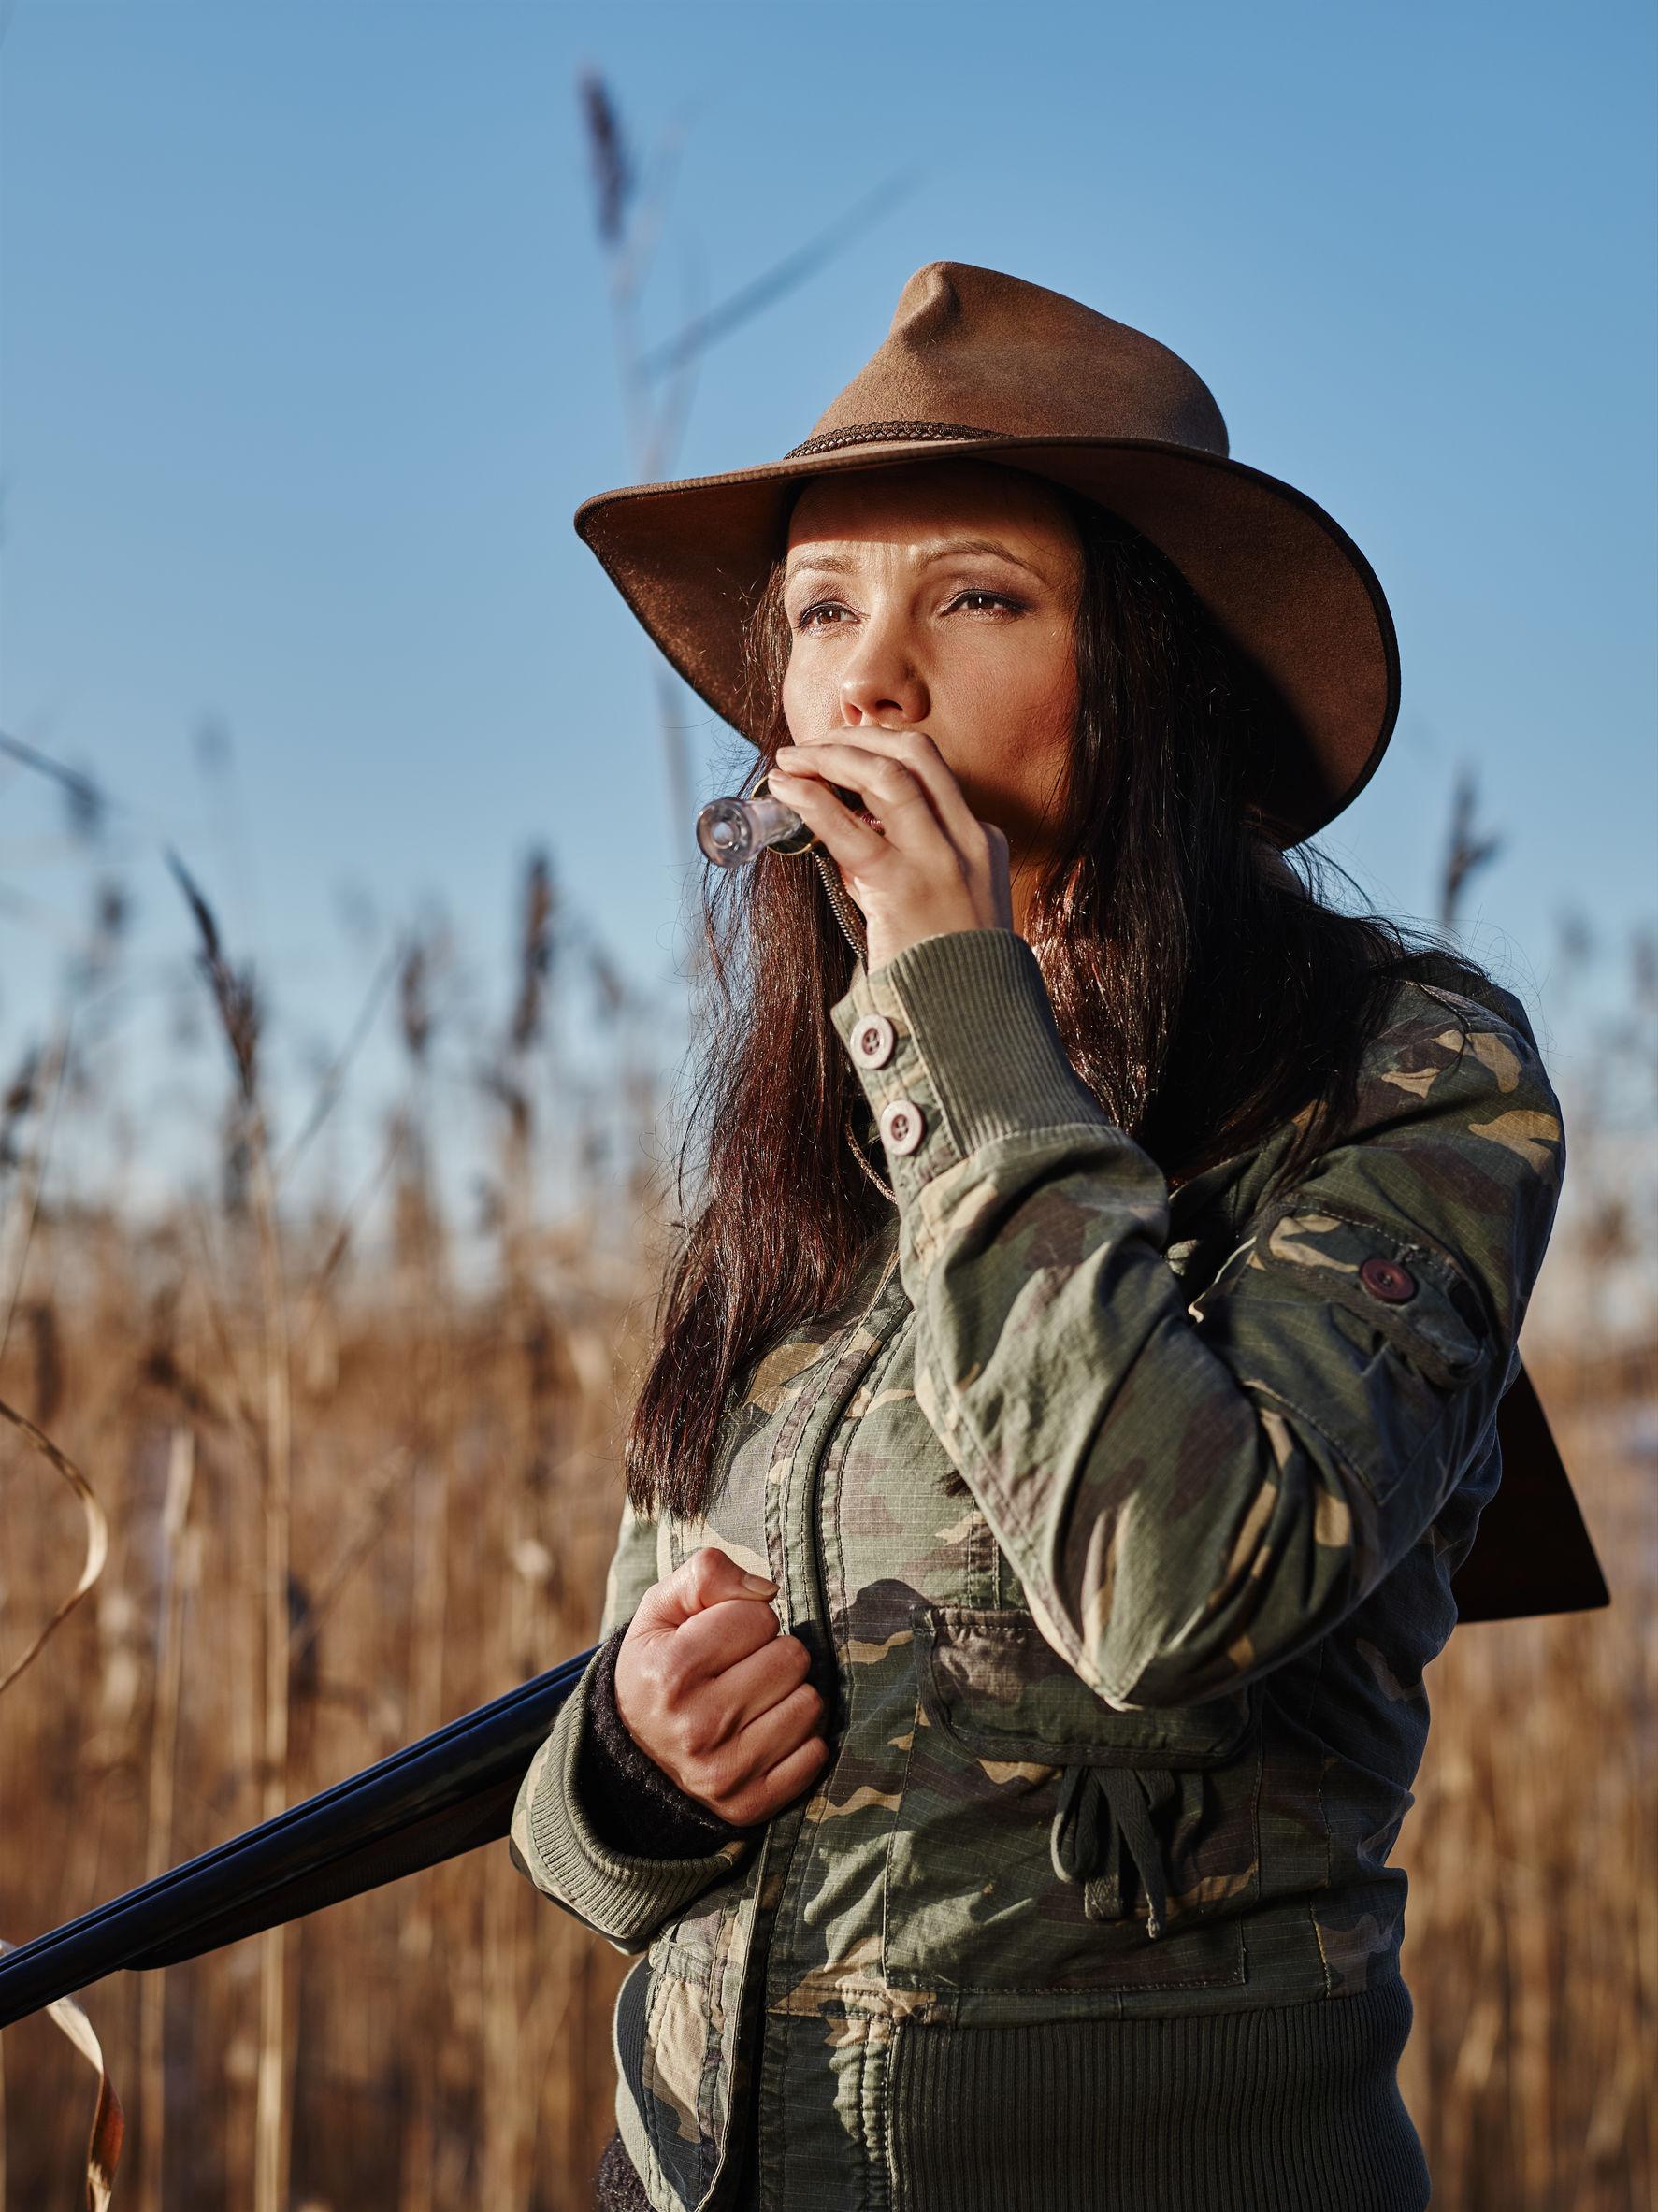 Pratique de la chasse : un appeau pour optimiser vos chances